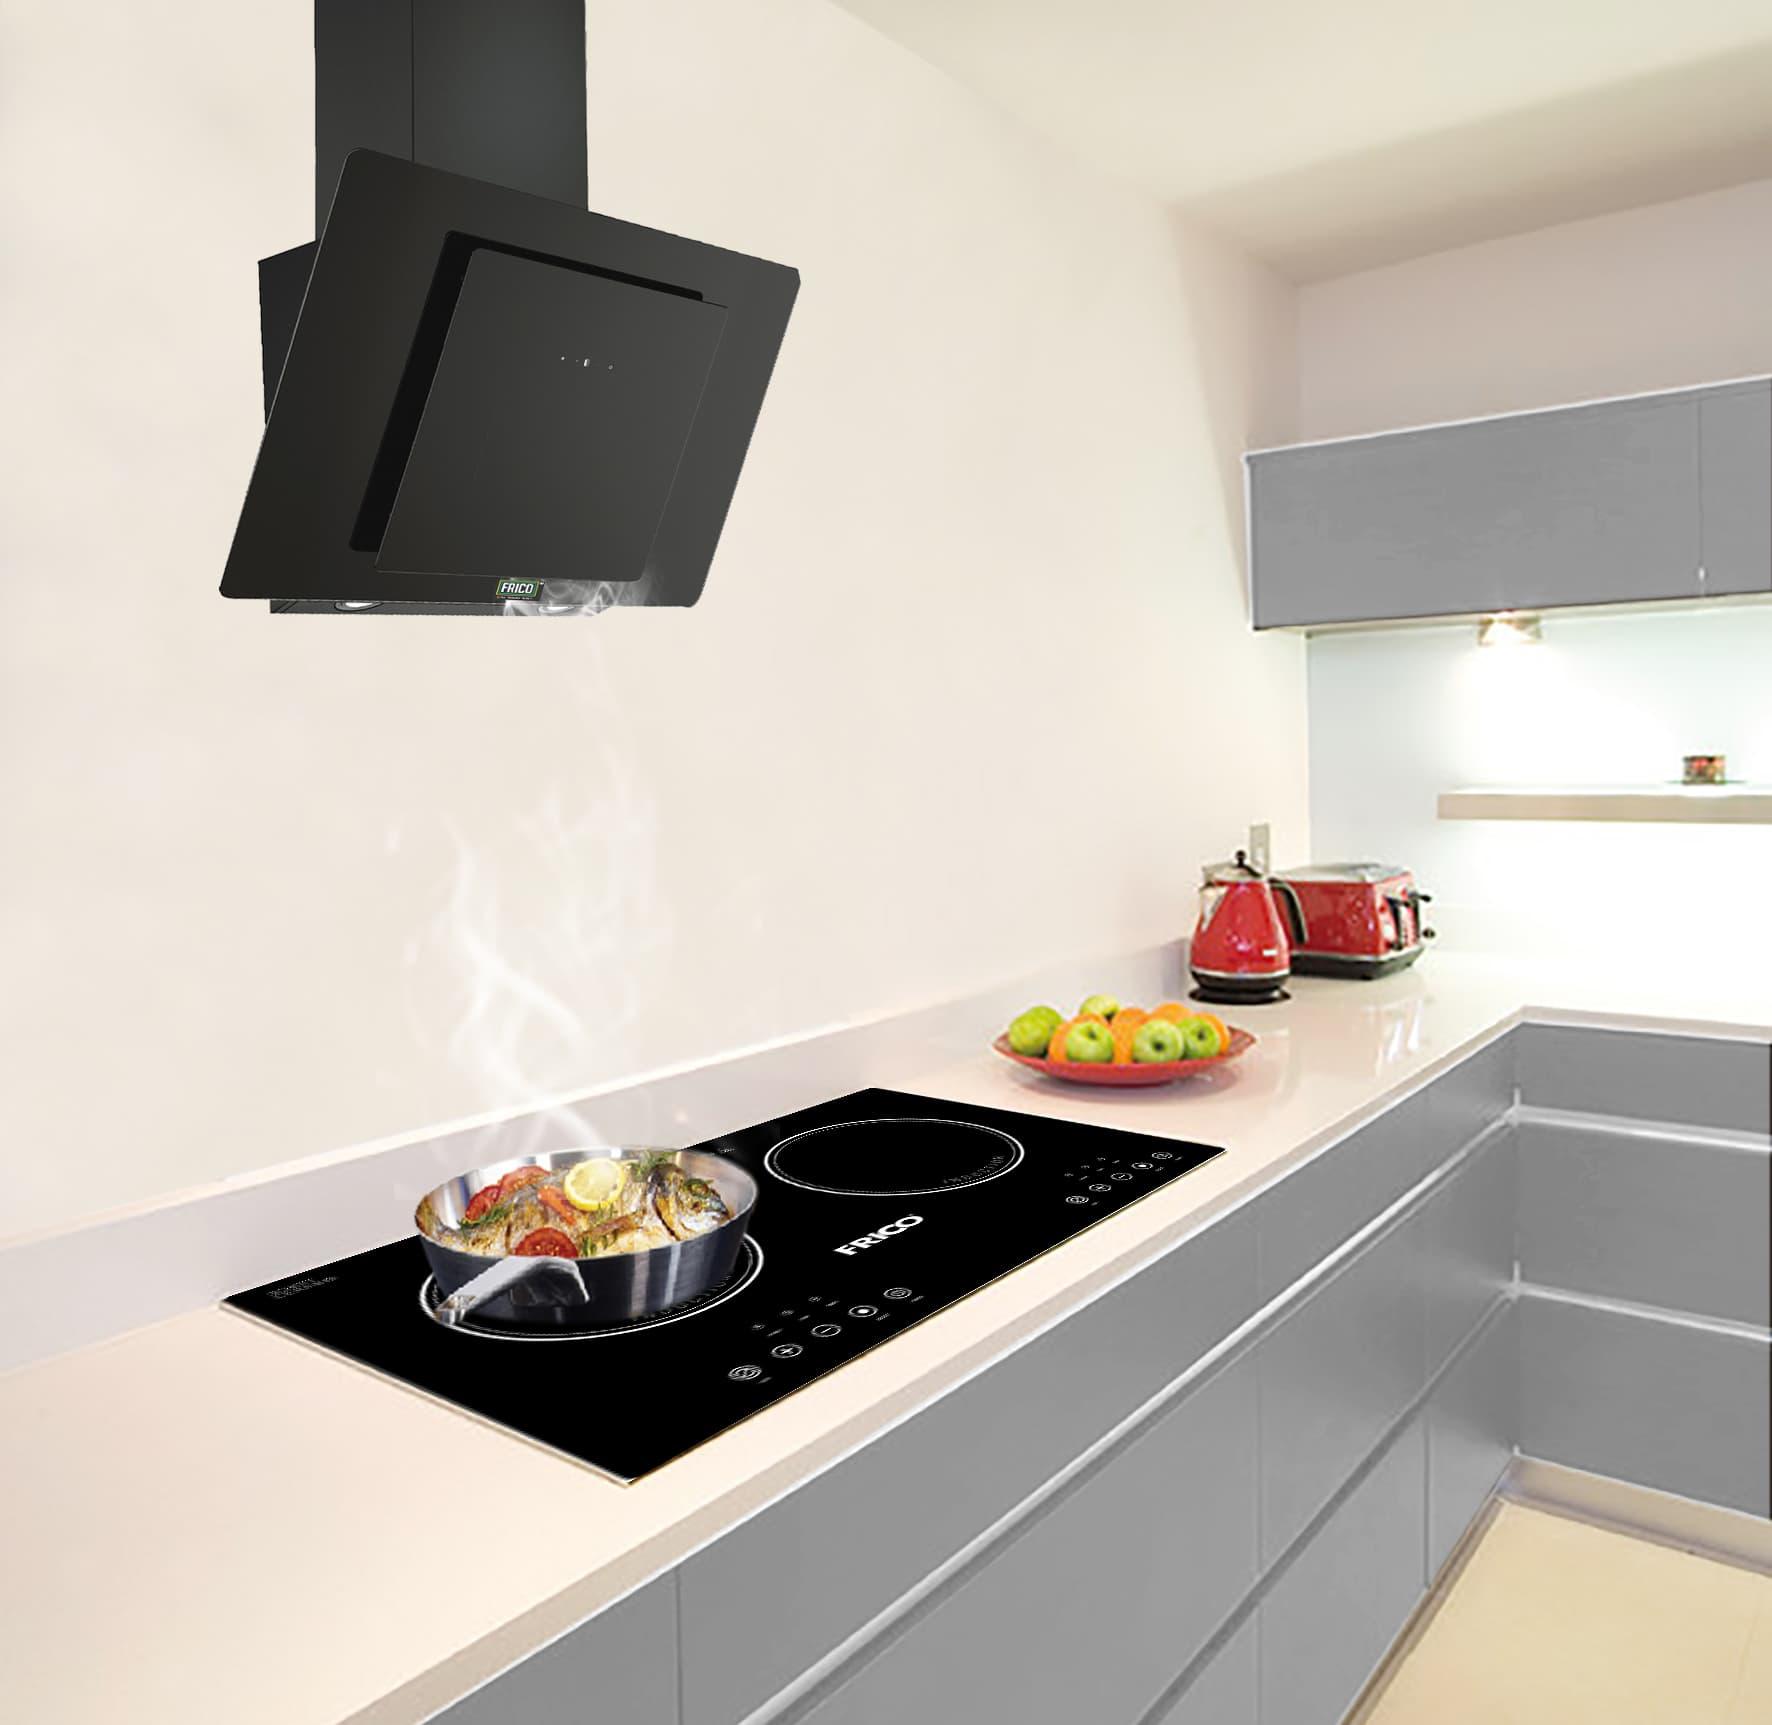 bếp từ frico của đức thiết kế